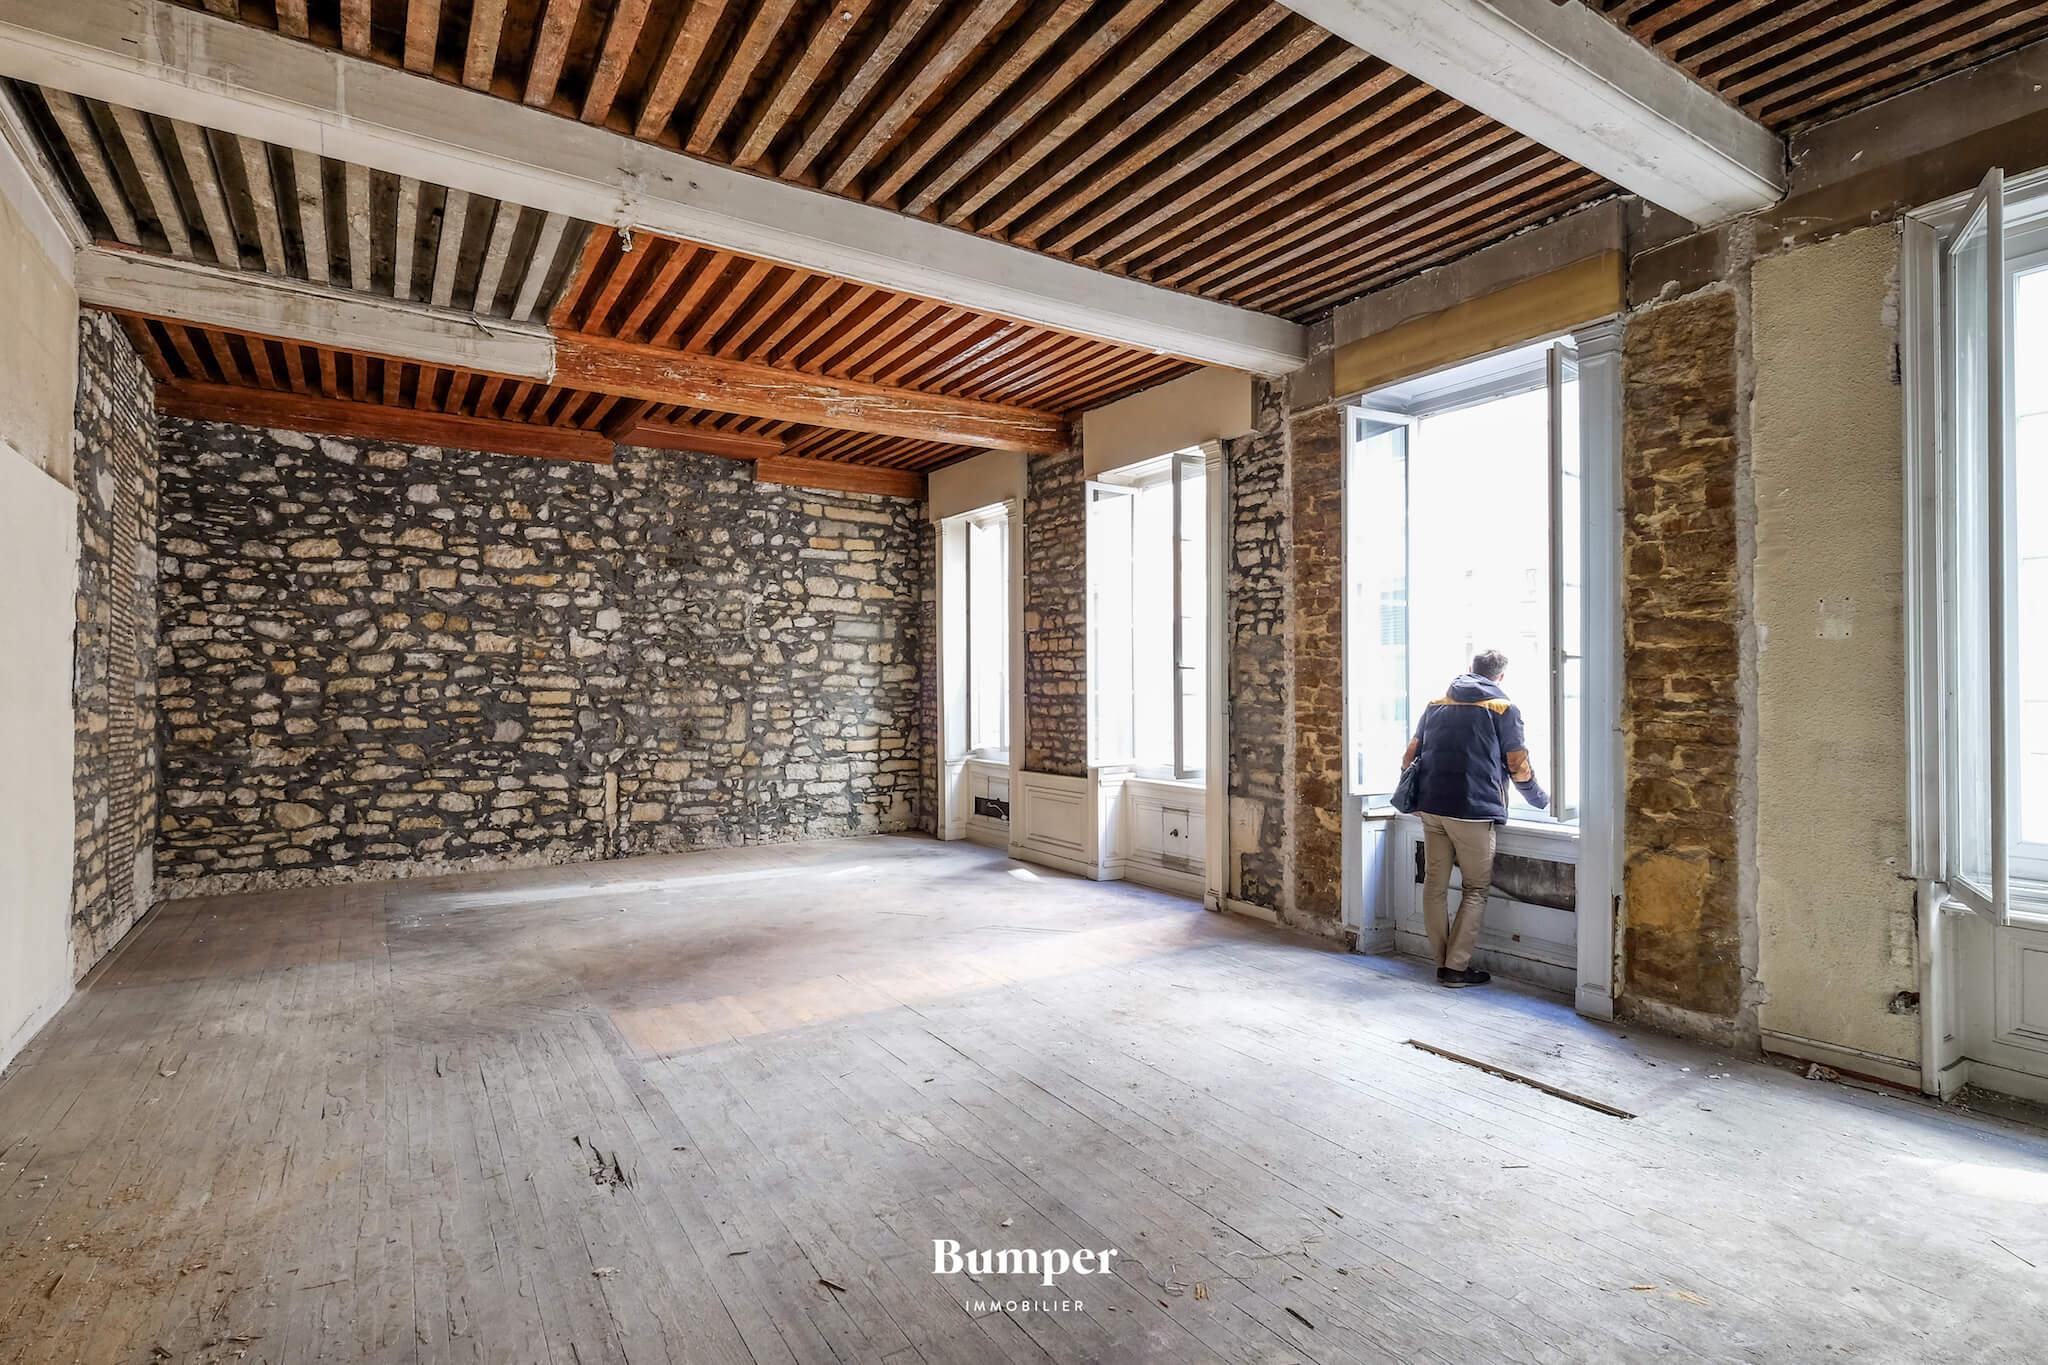 bumper-immobilier-investissement-appartement-bureau-lyon-france-rentabilite-achat-vente-plateau-renovation-architecte-travaux-1.jpg